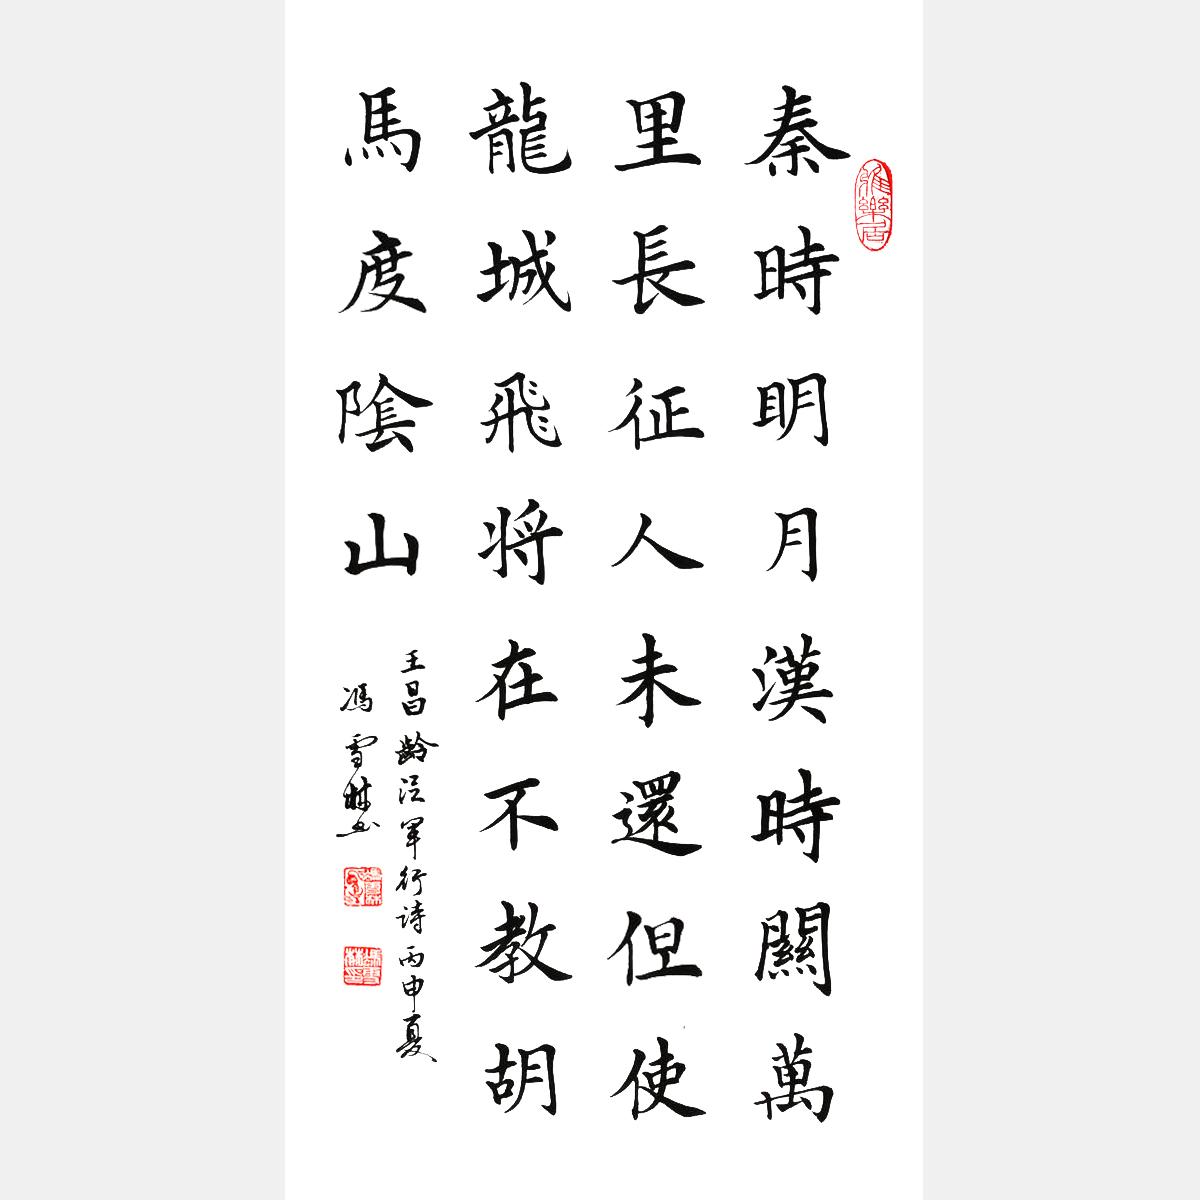 """唐王昌龄《出塞·其一》楷书书法作品 """"唐朝七绝之首"""""""